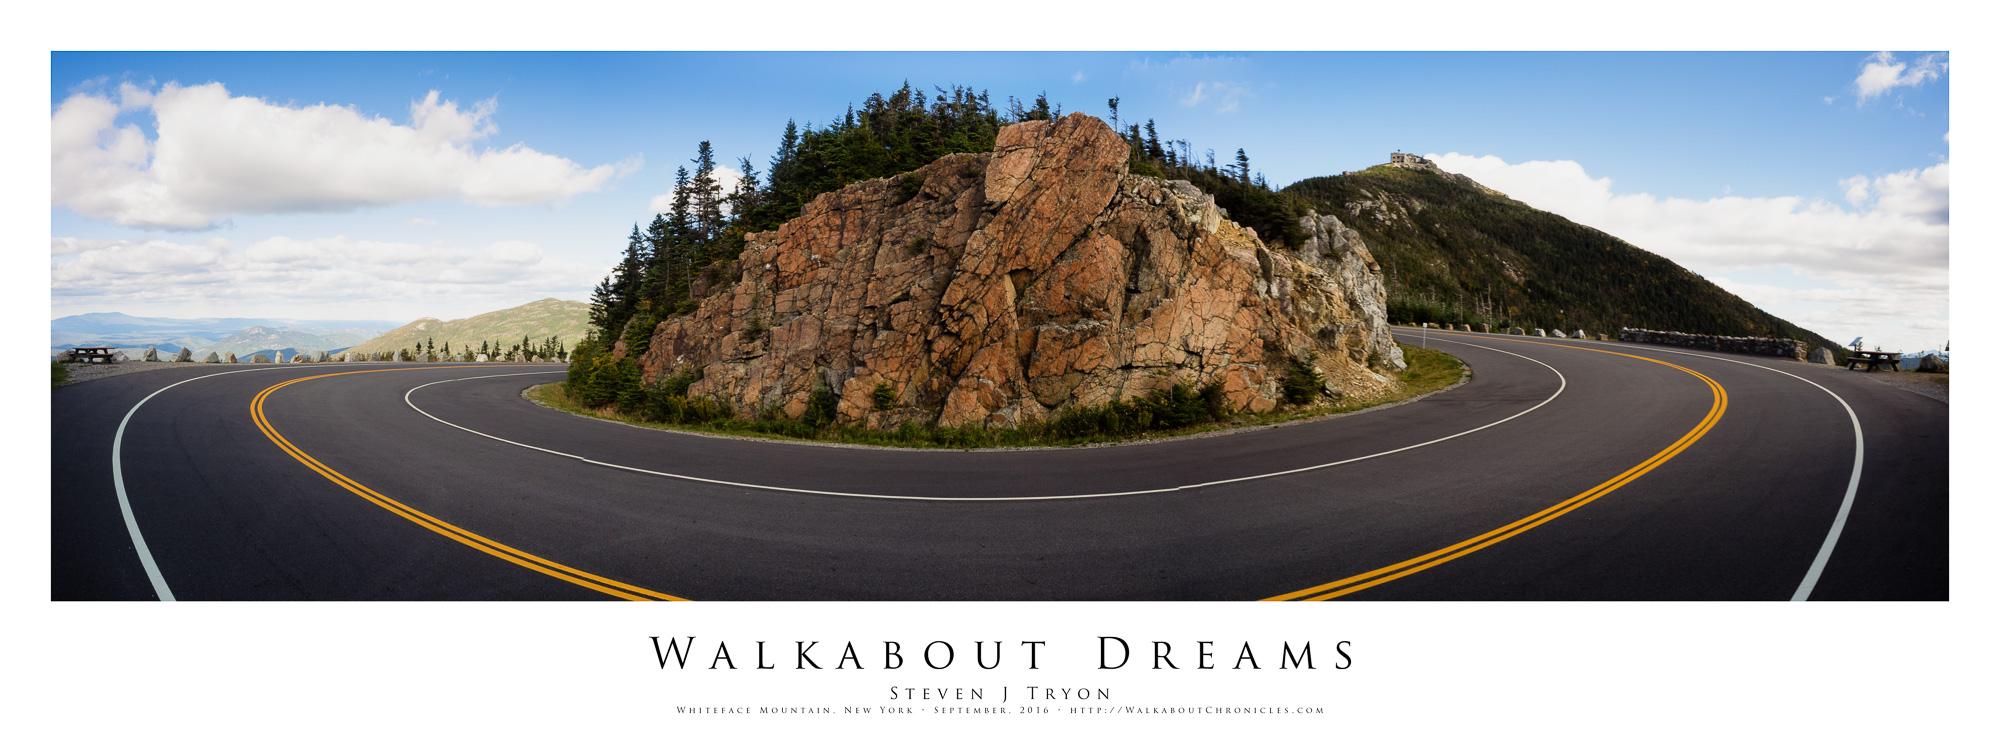 Walkabout Dreams